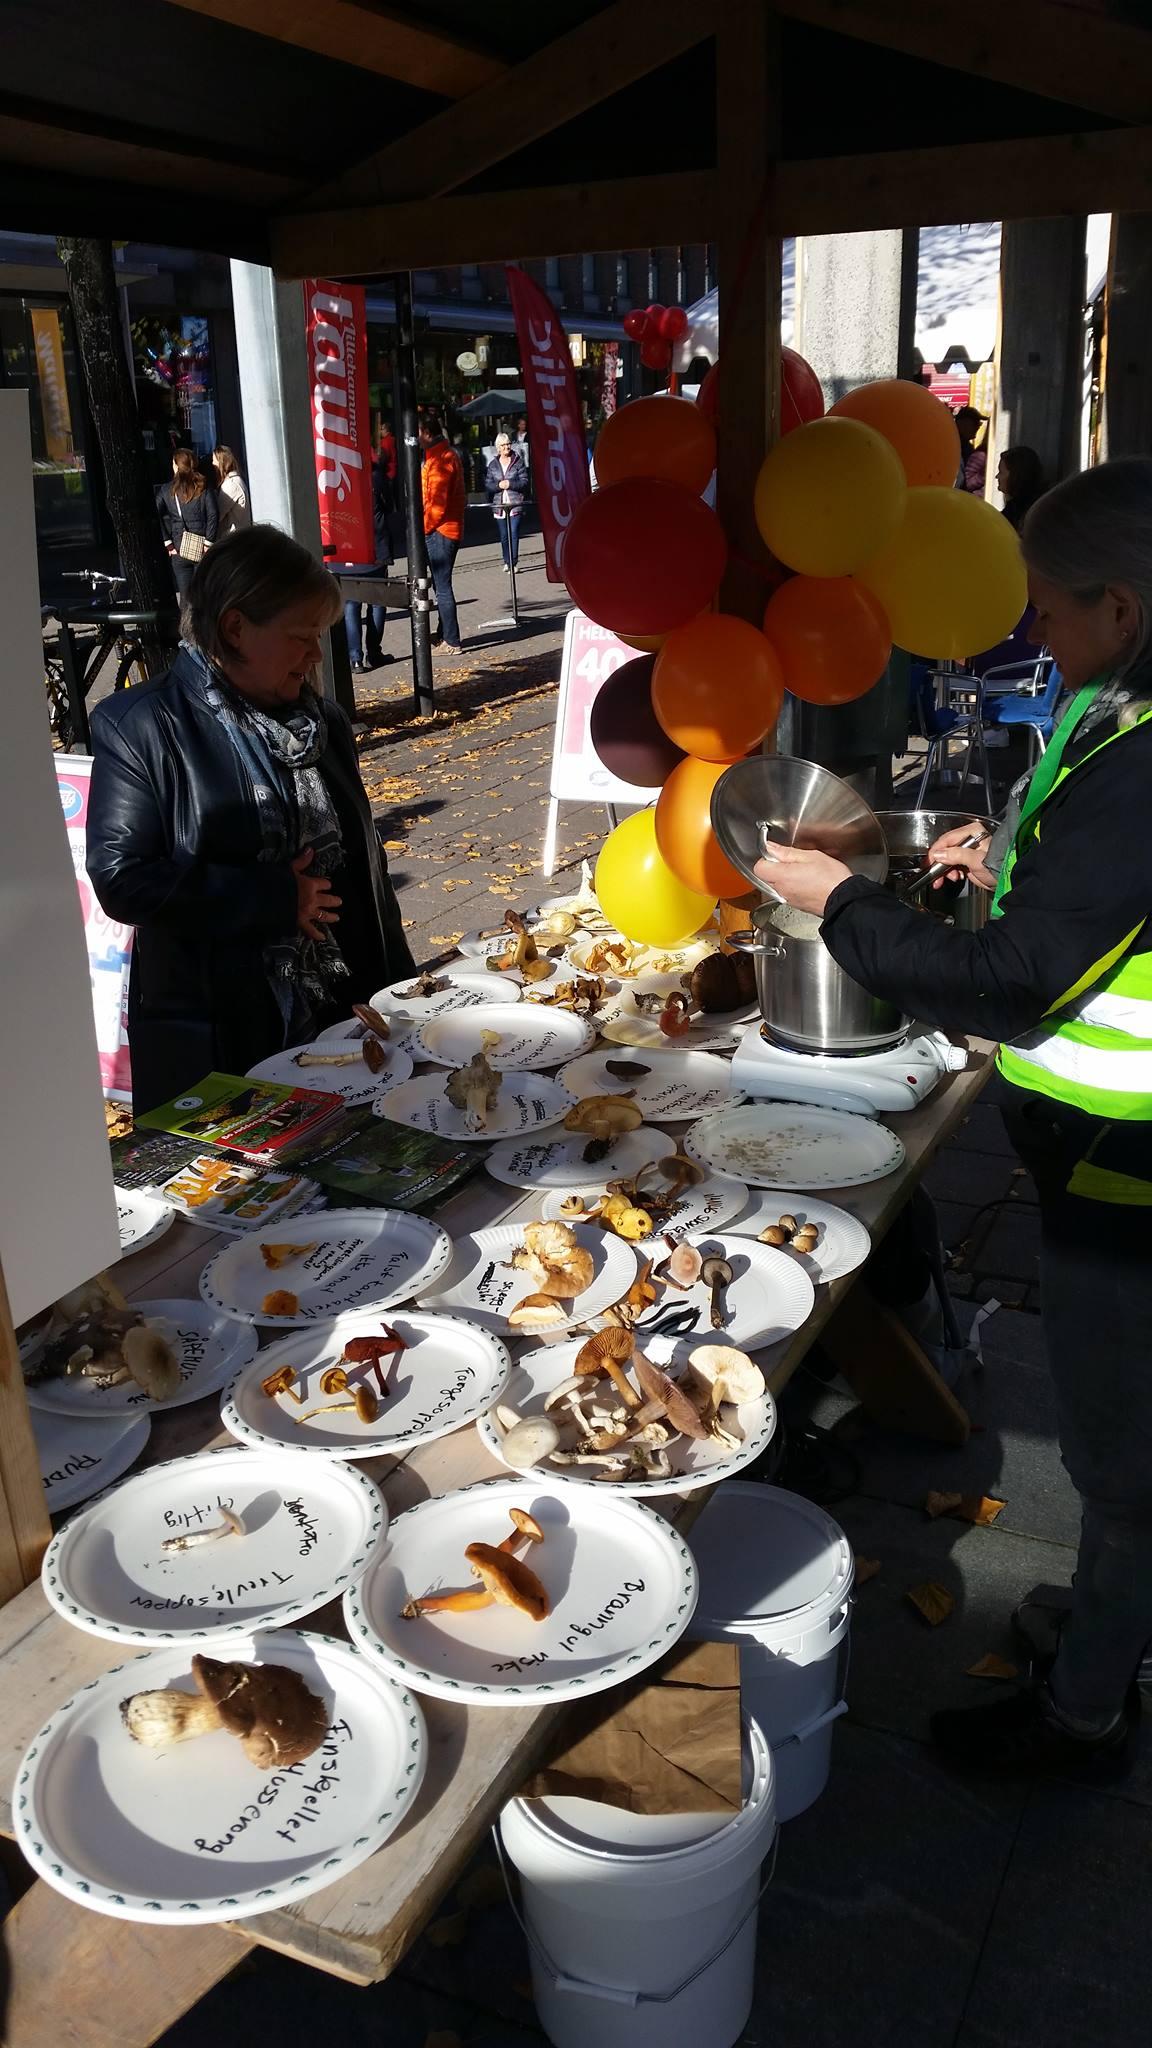 Soppkontroll, Mataukfestivalen, Lillehammer sopp- og nyttevekstforening